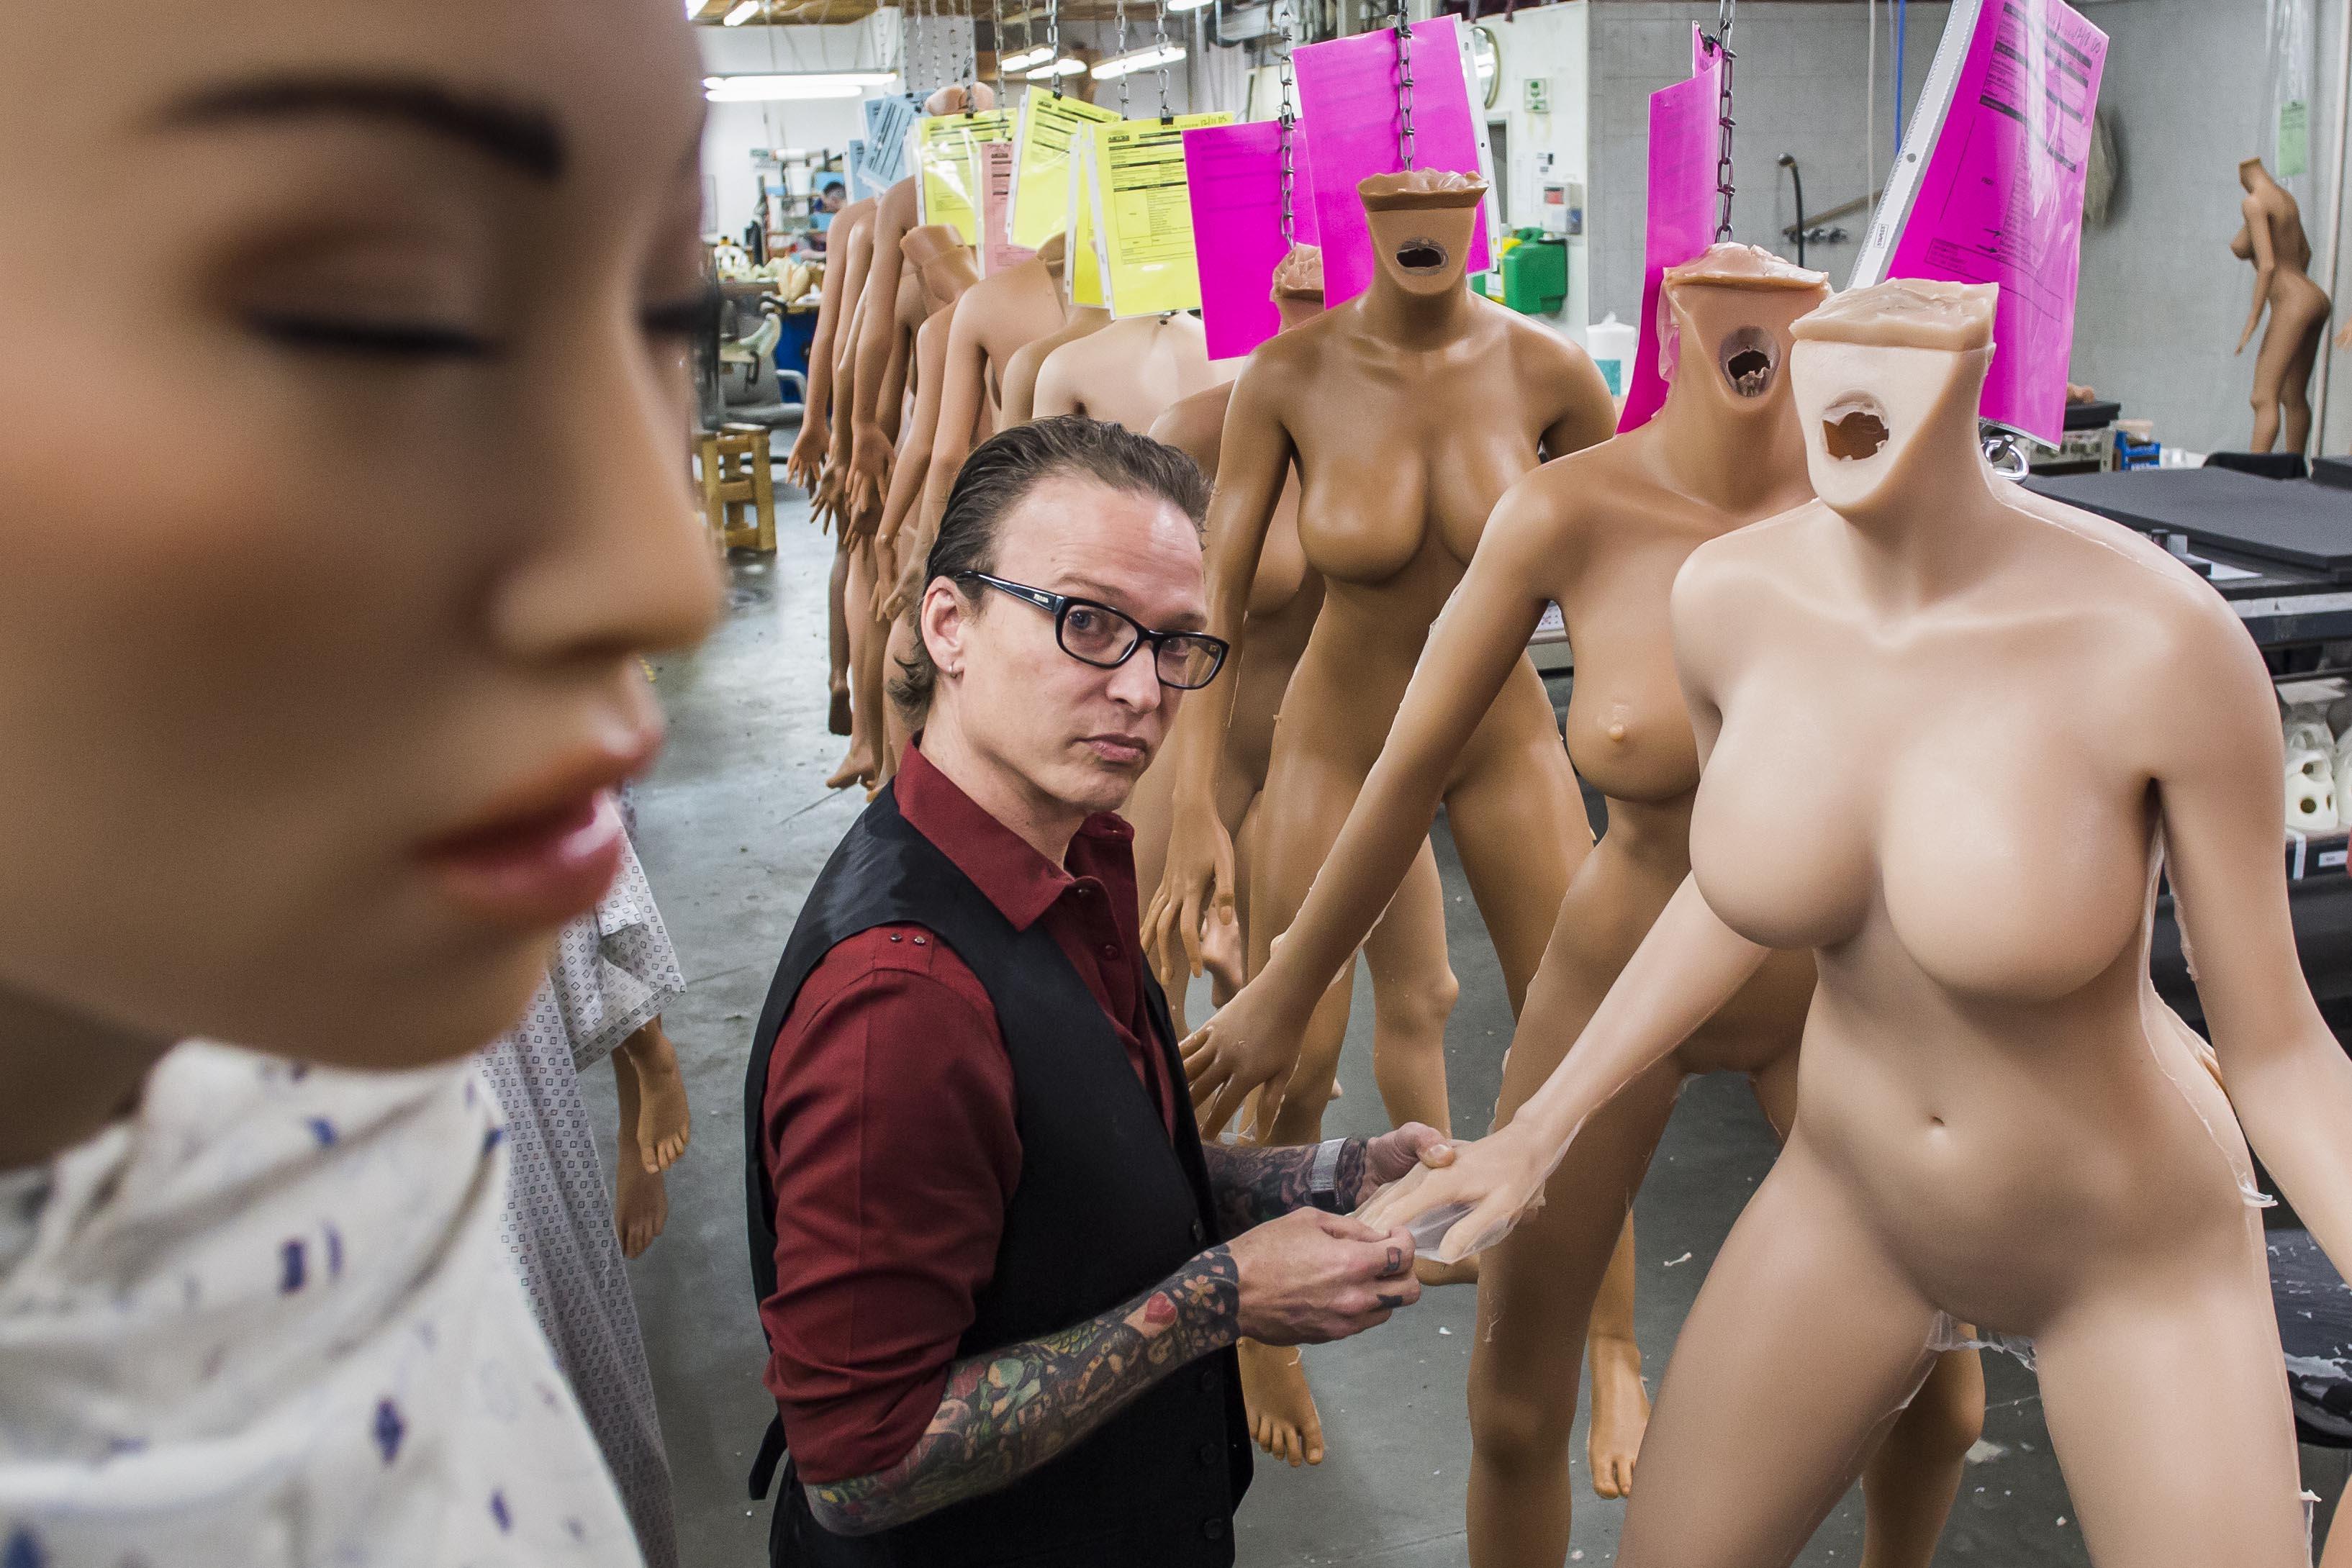 Muñecas inteligentes para sexo con humanos